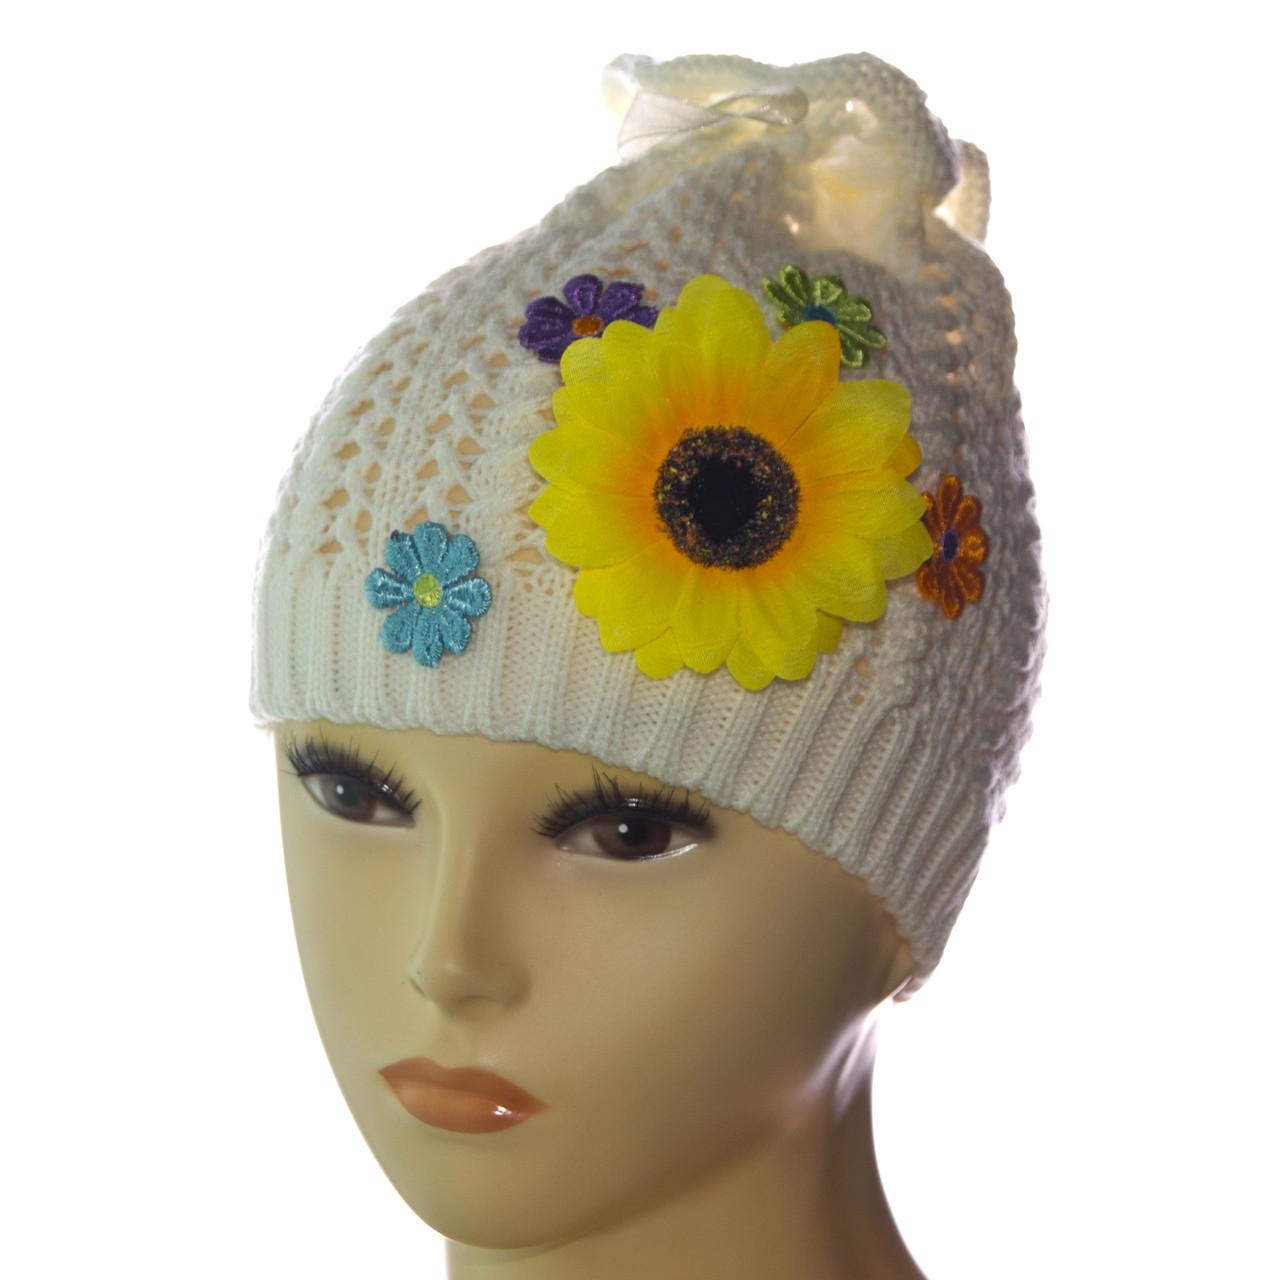 вязаная шапка для девочки даша продажа цена в одессе головные